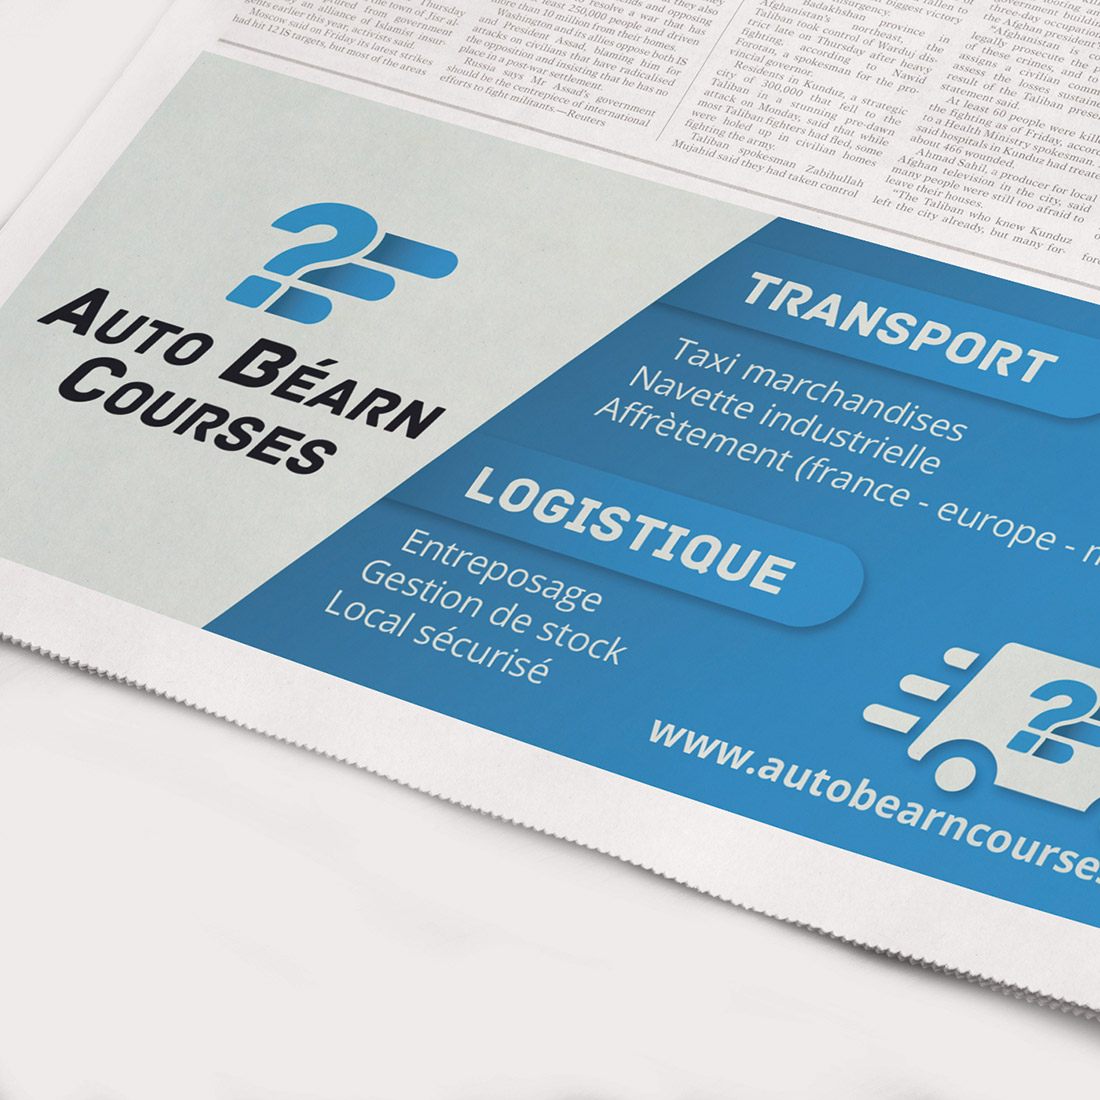 Création identité visuelle Auto Béarn Courses